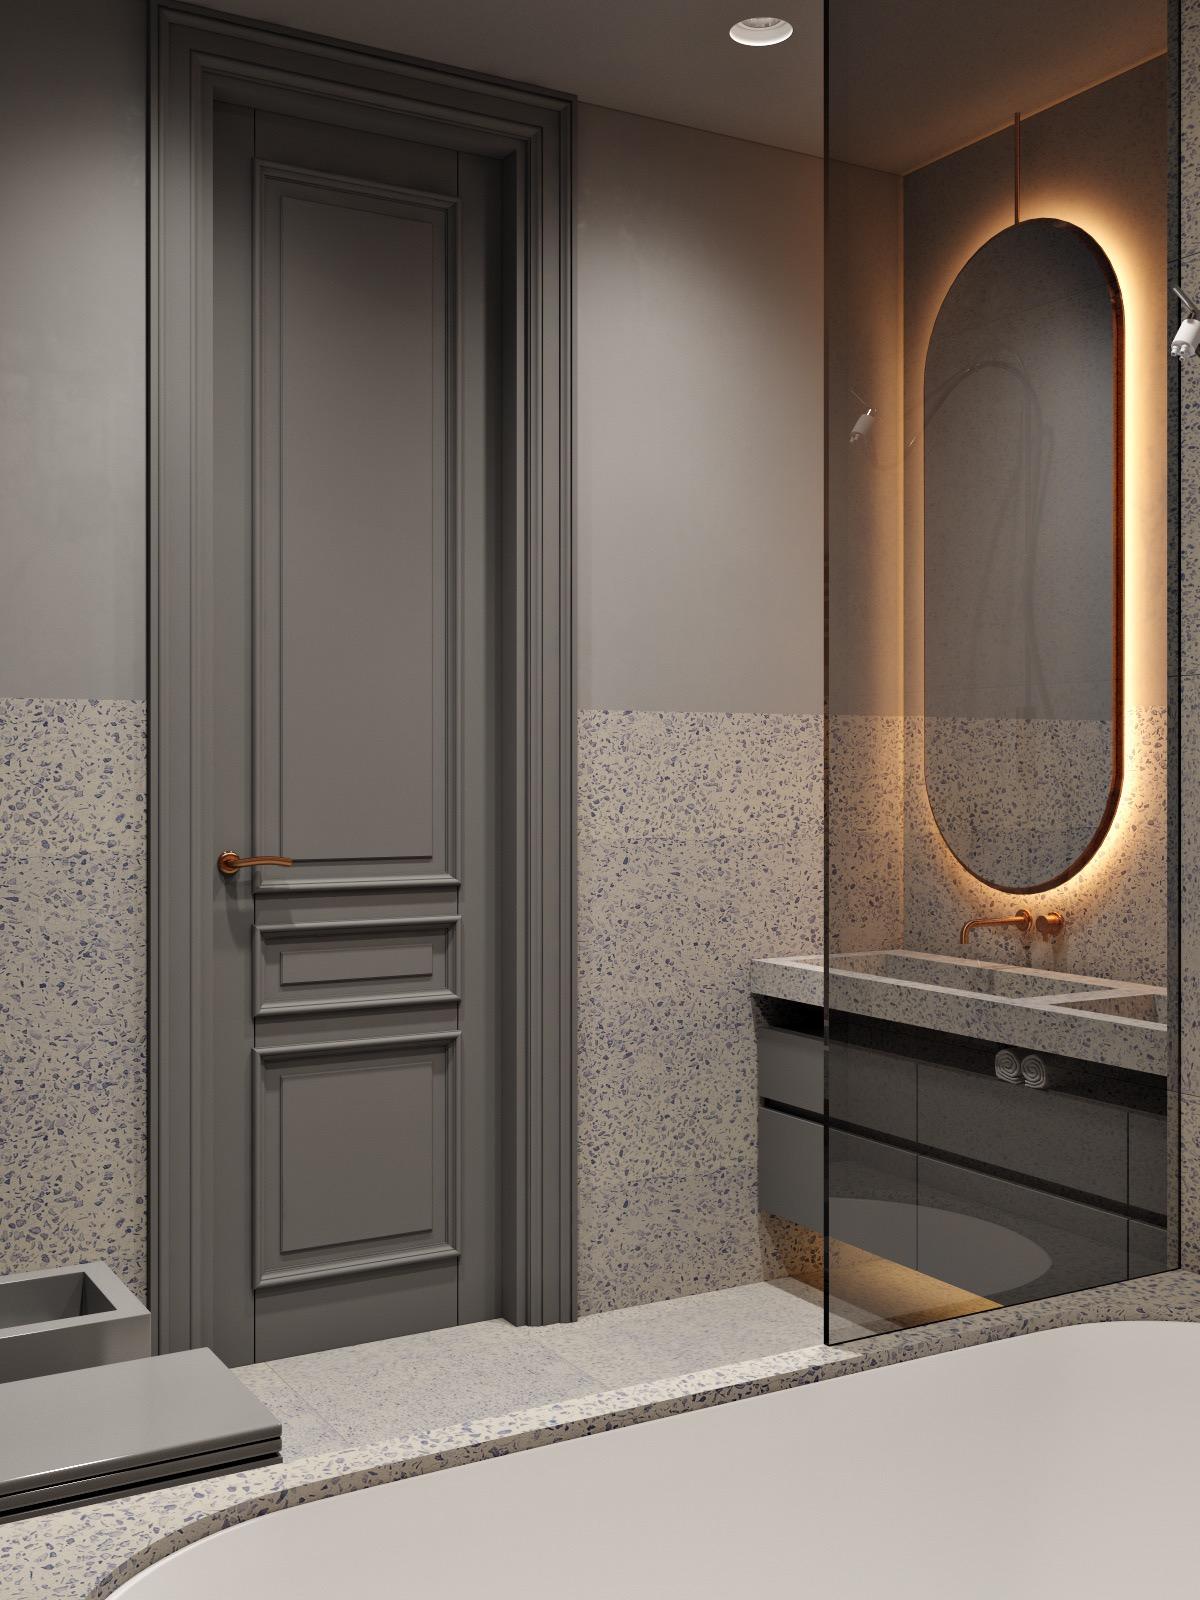 高雅灰色的新古典主义风格家居装饰